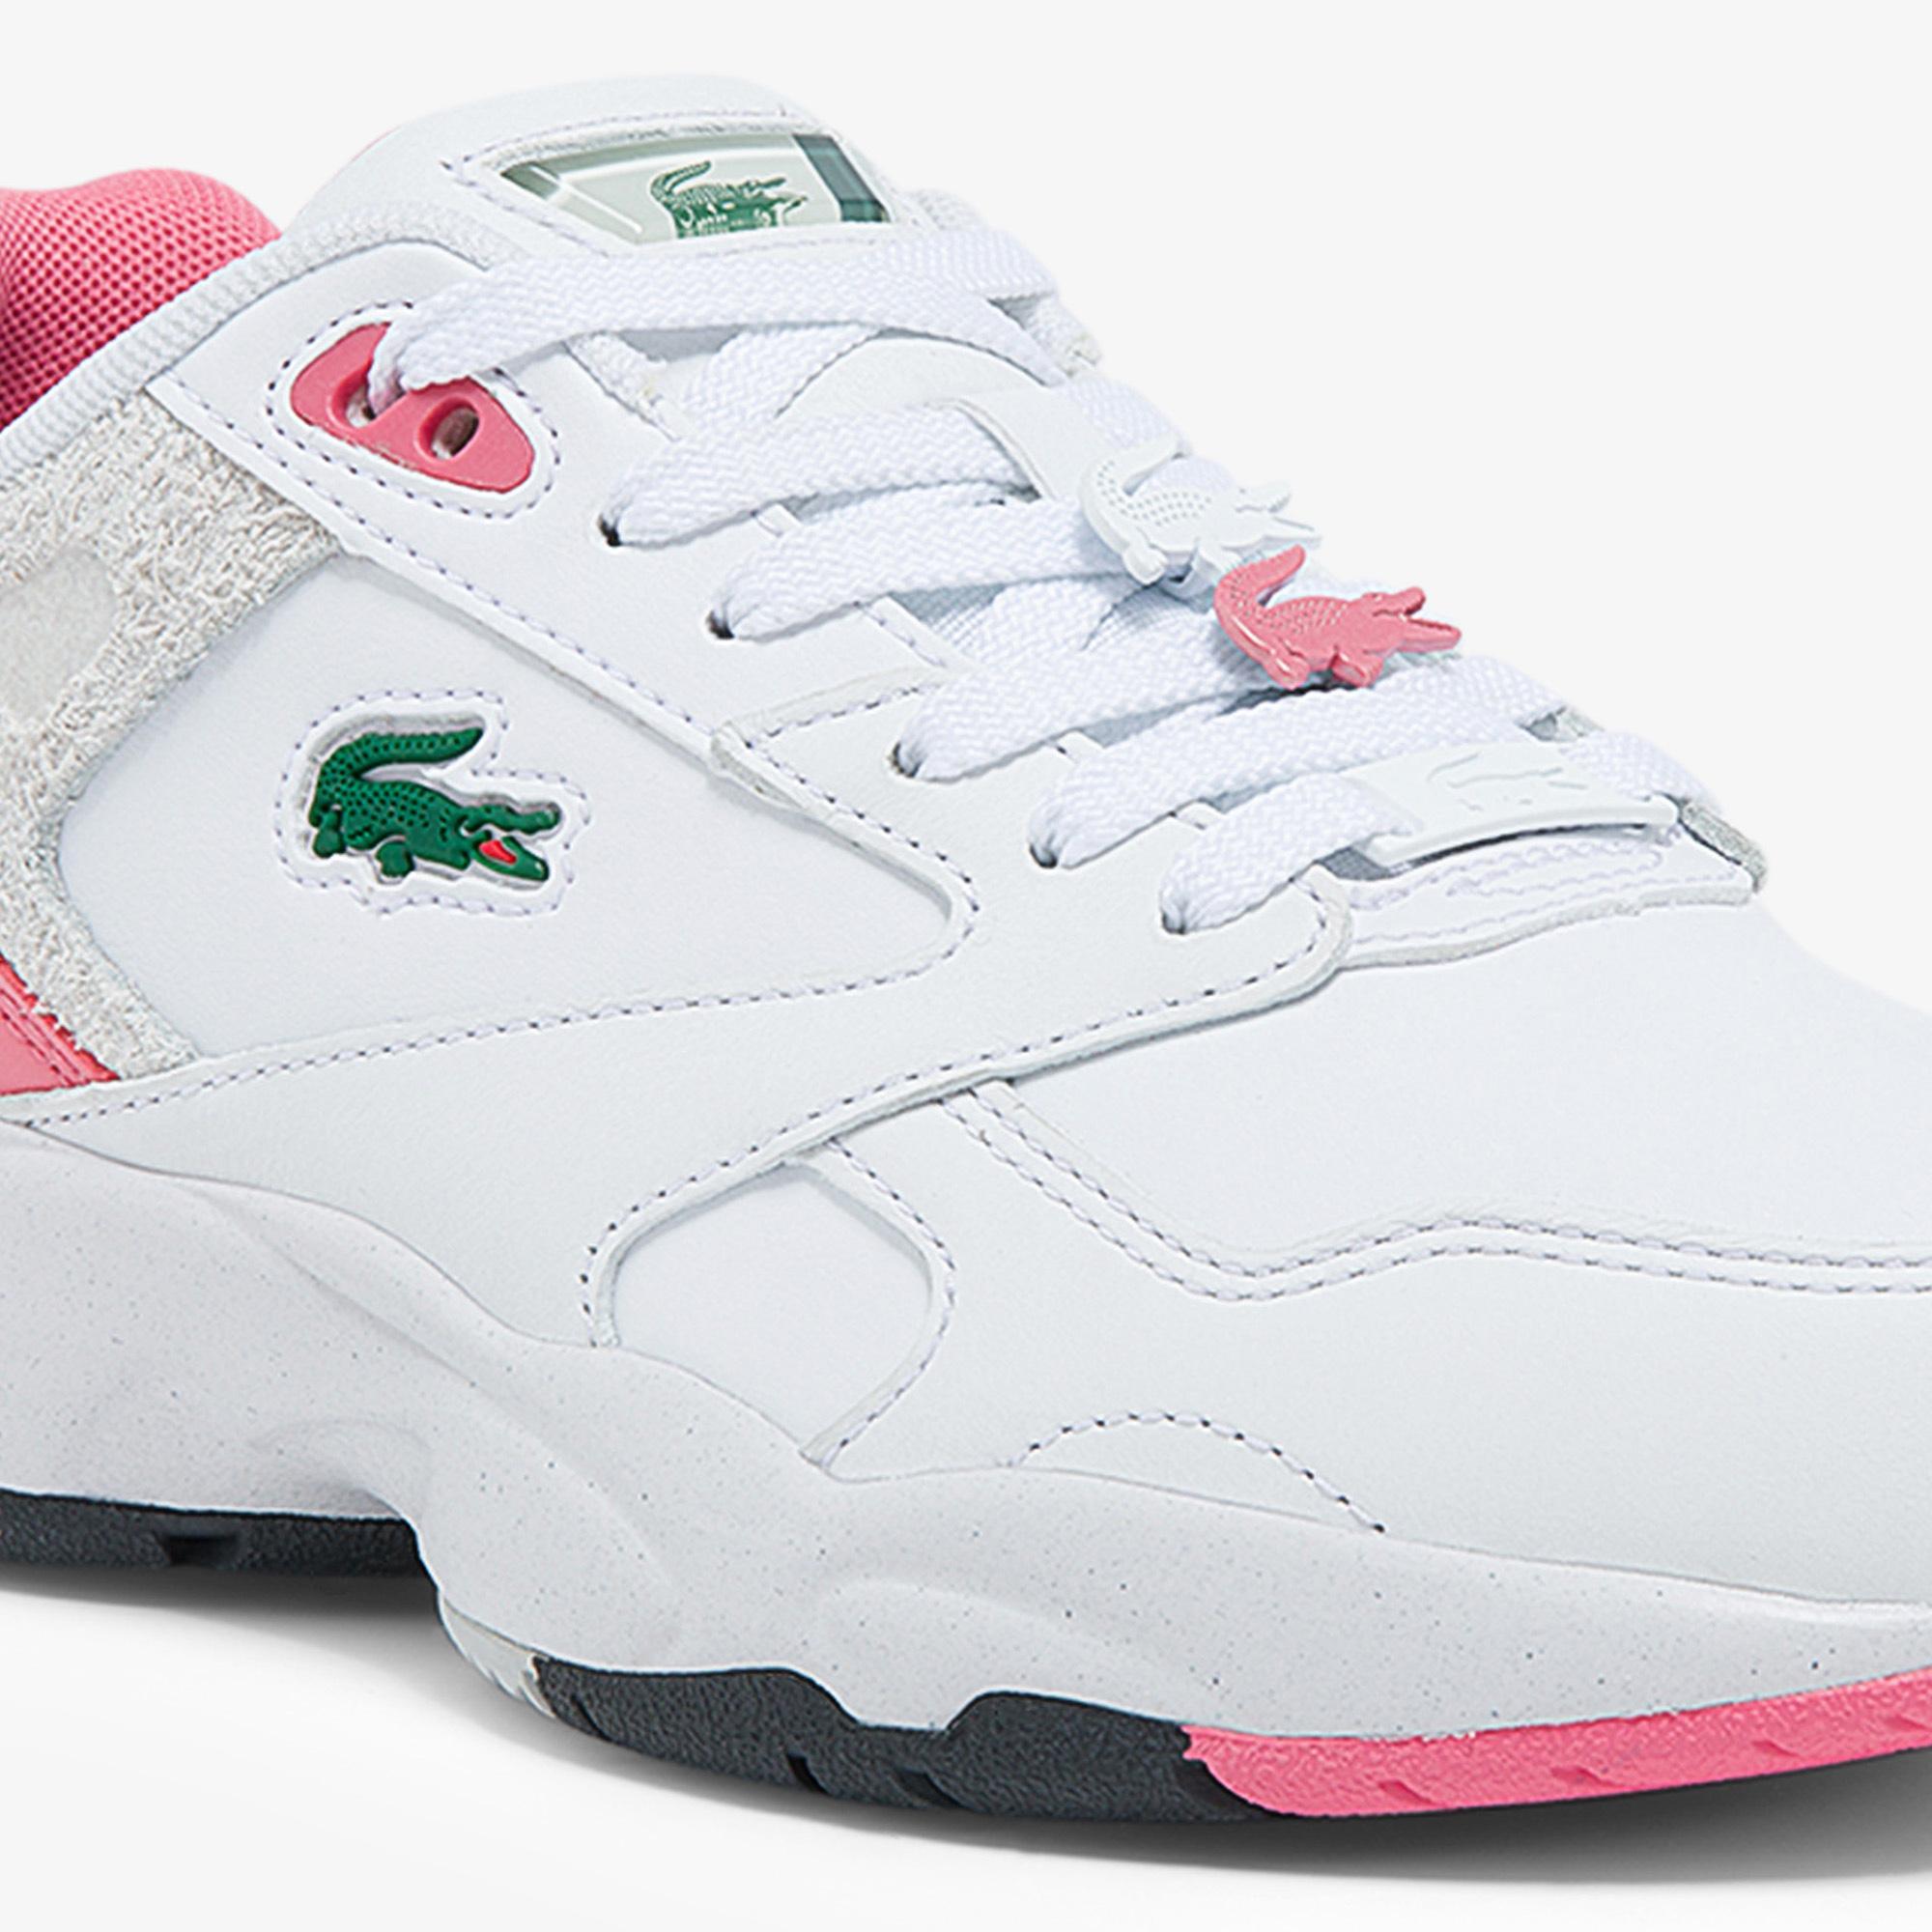 Lacoste Storm 96 Lo 0121 1 Sfa Kadın Beyaz - Pembe Sneaker